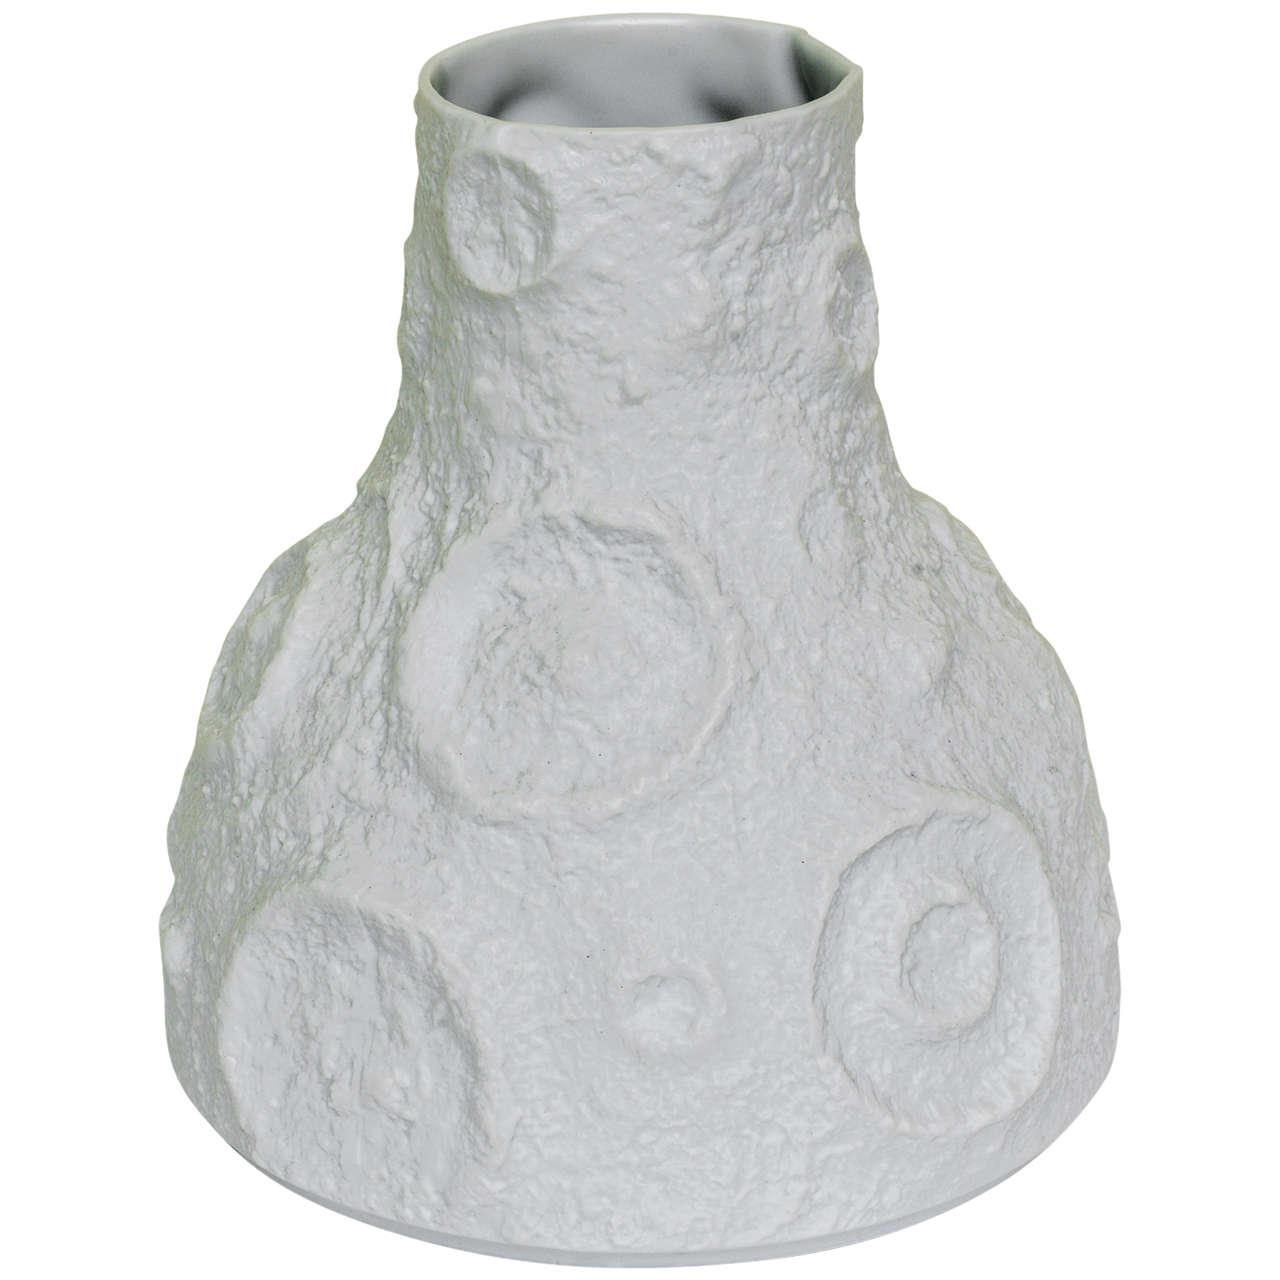 Textural Intaglio White Signed Porcelain Vase / Vessel